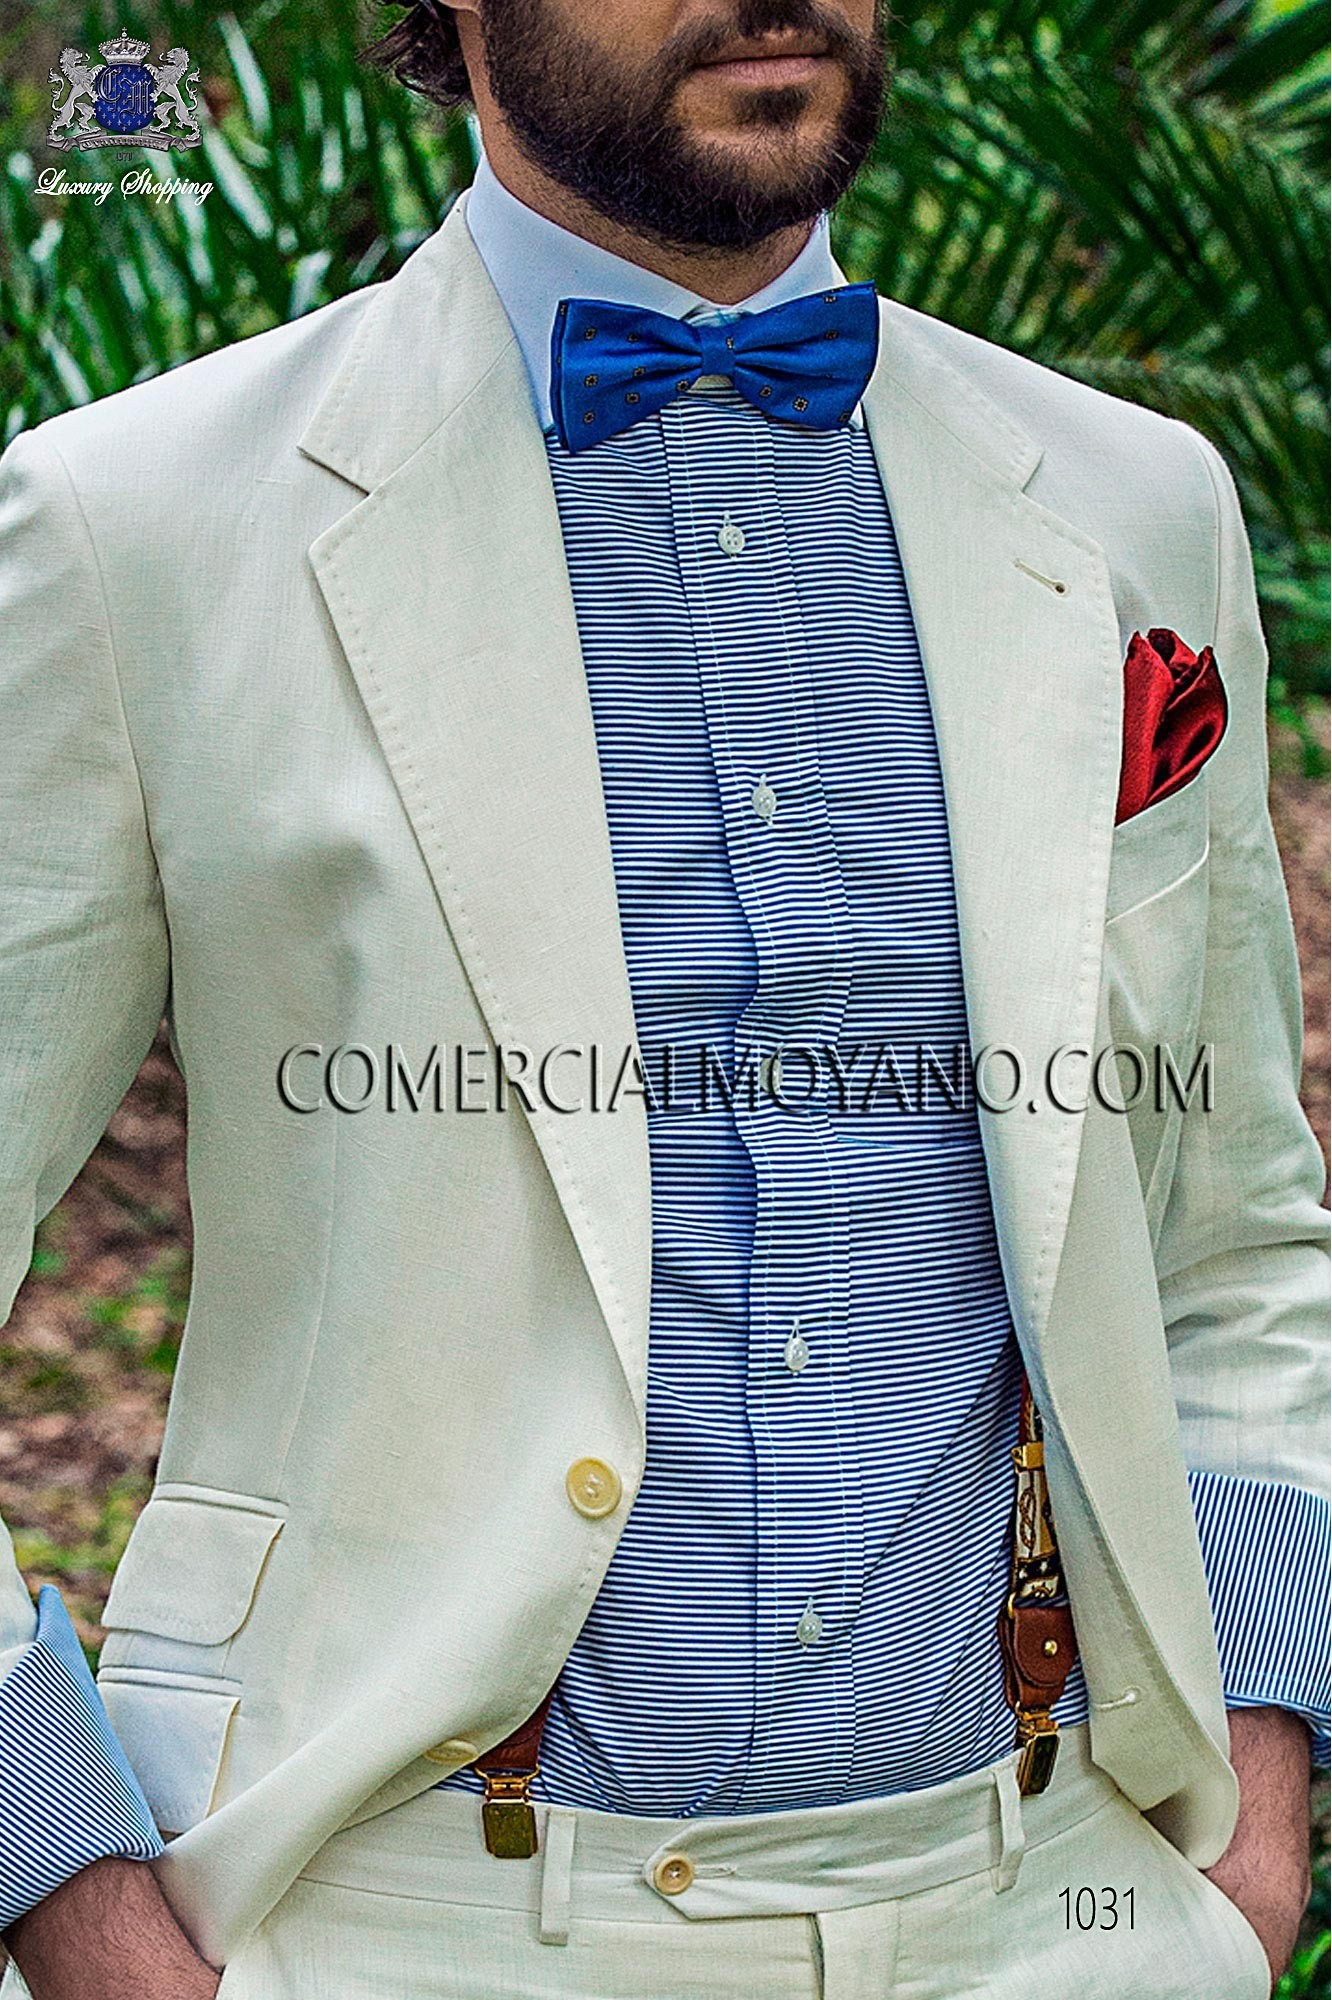 Traje Hipster de novio blanco modelo: 1031 Ottavio Nuccio Gala colección Hipster 2017